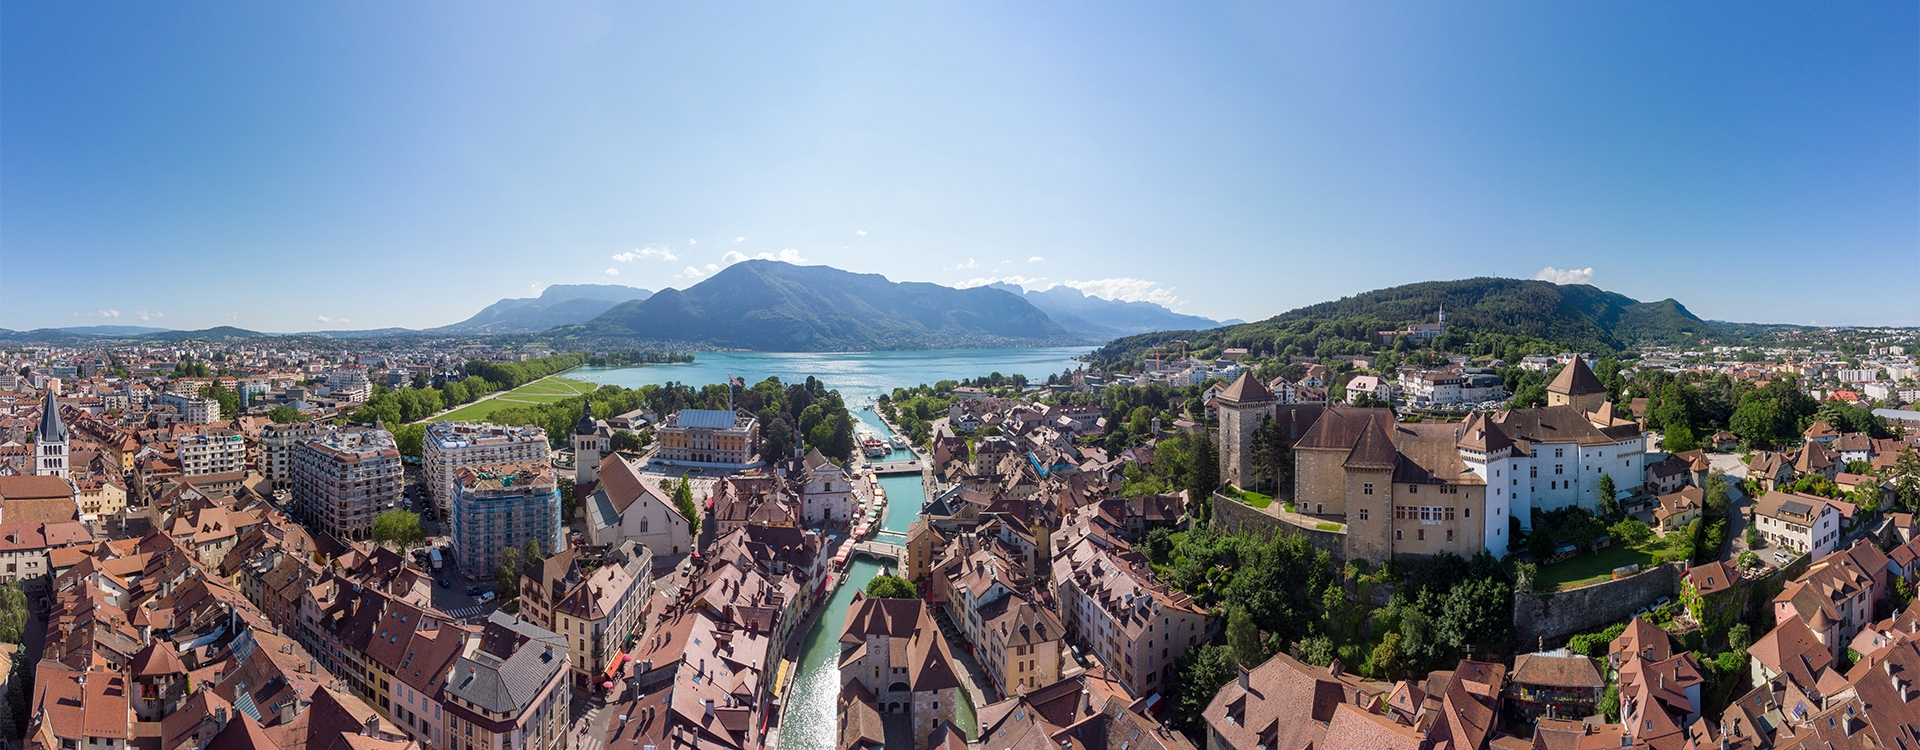 Annecy, ville la plus agréable à vivre de France (A2-B1)